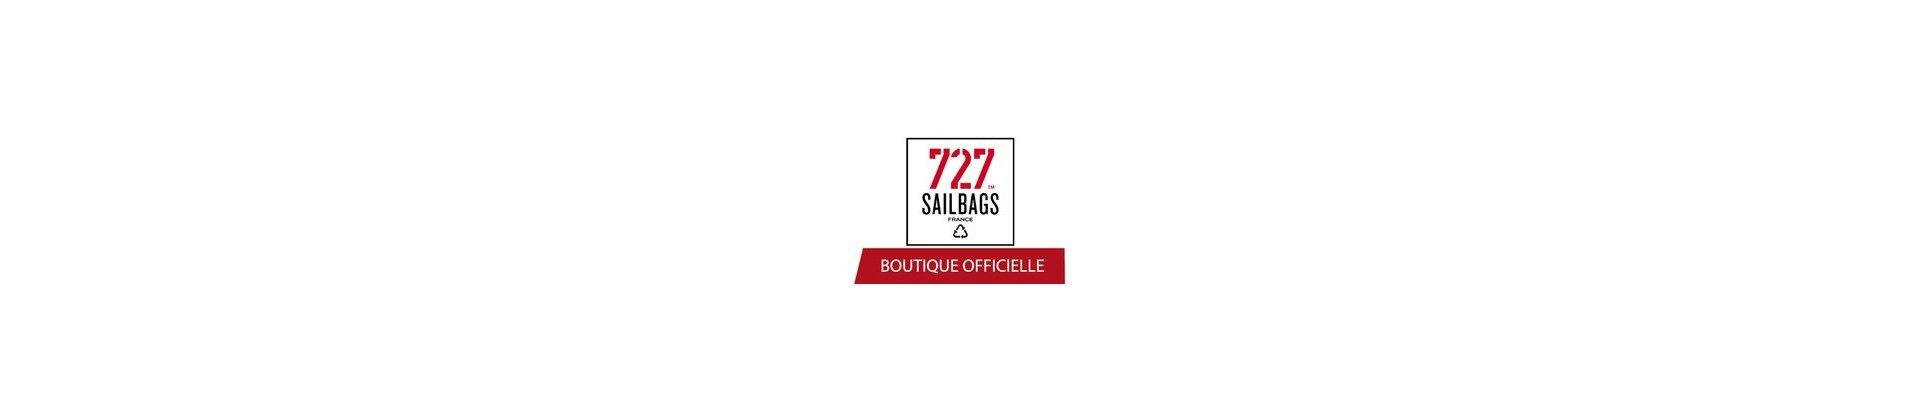 Vêtements et Accessoires 727 Sailbags